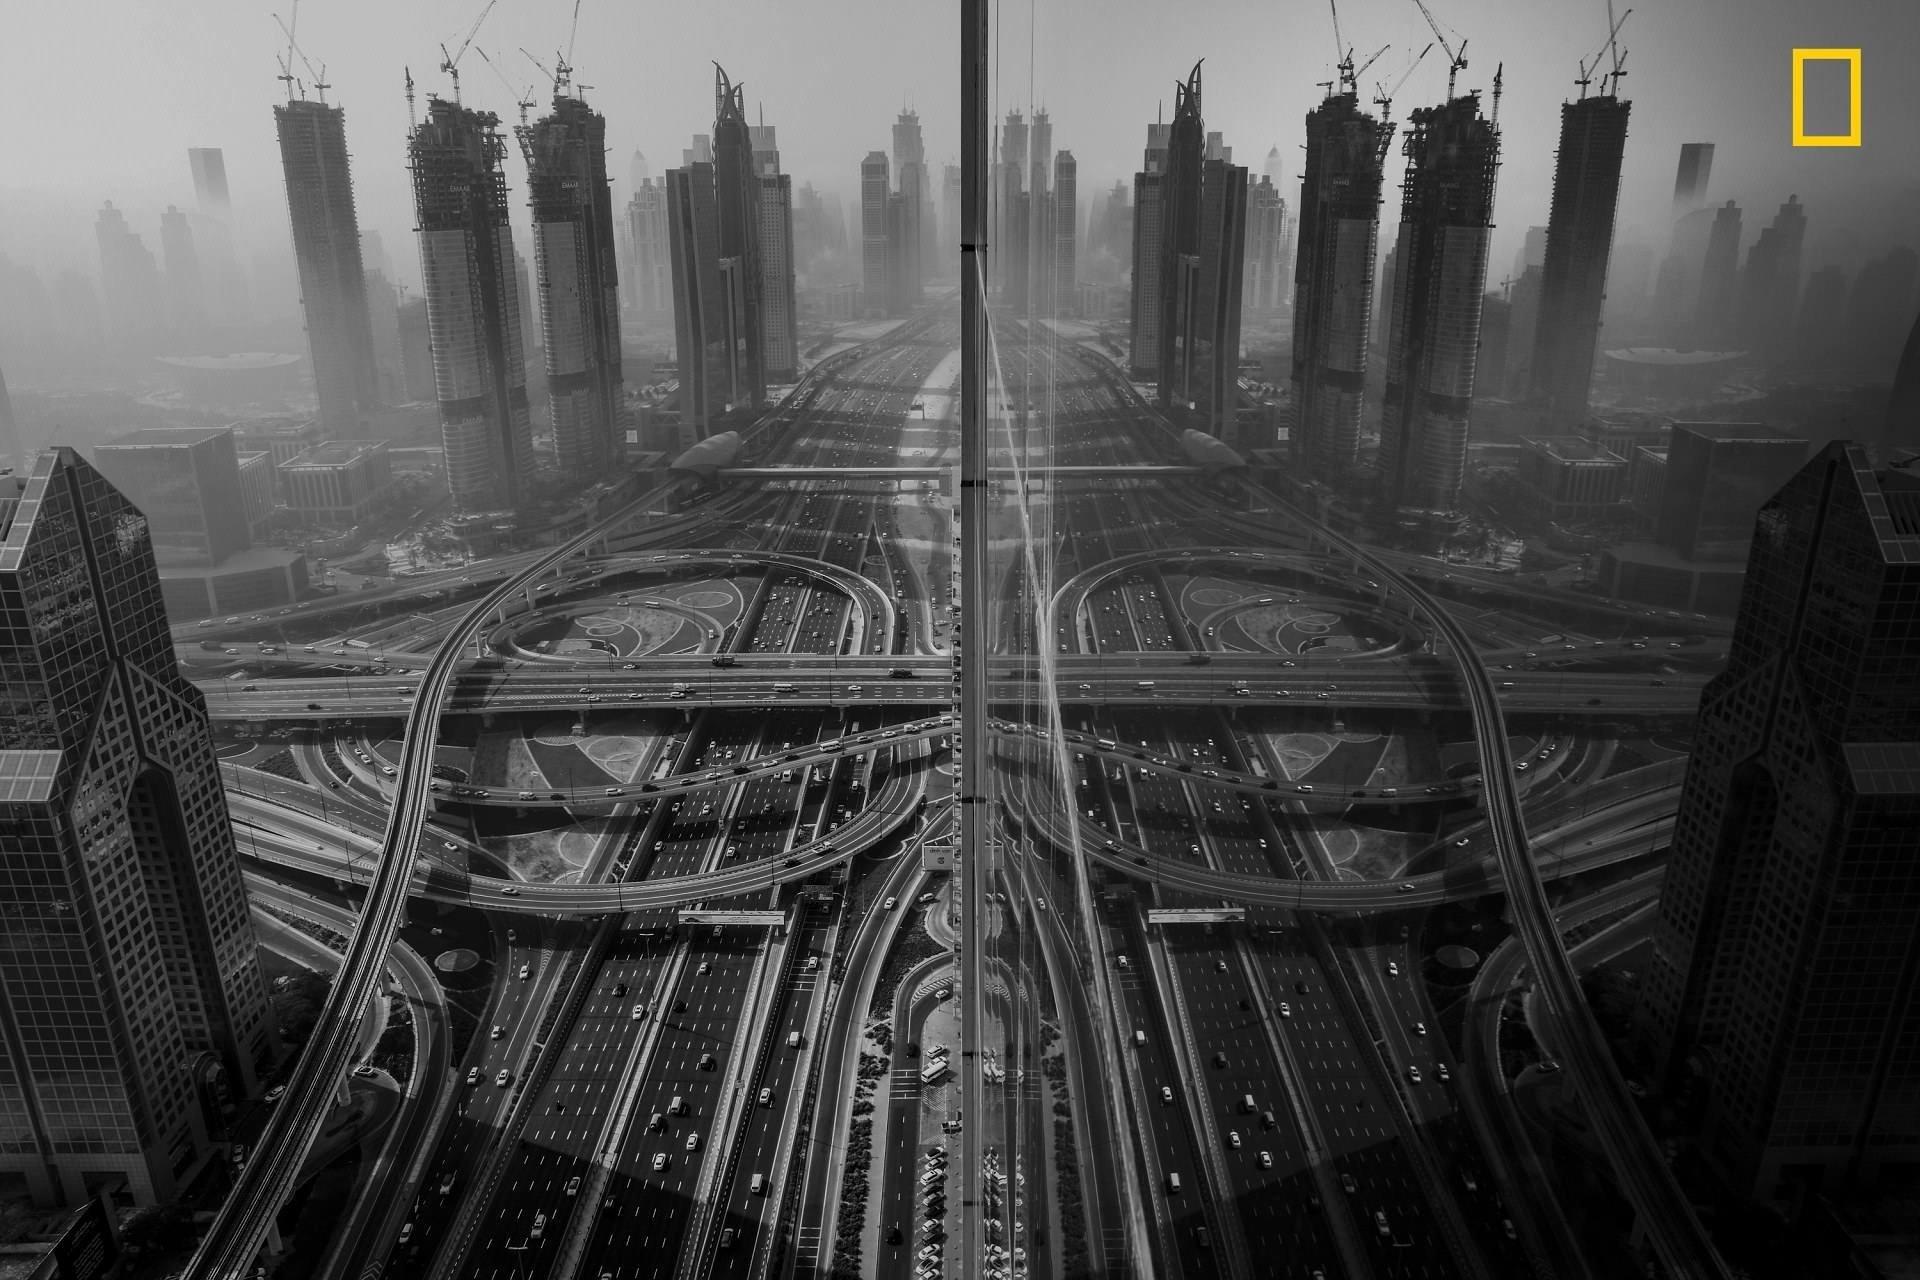 """Фото: Gaanesh Prasad. Дубай. Третье место в категории """"города"""" National Geographic Traveler, national geograhic, лучшие фотографии, победители, победители конкурса, фотографии года, фотоконкурс"""